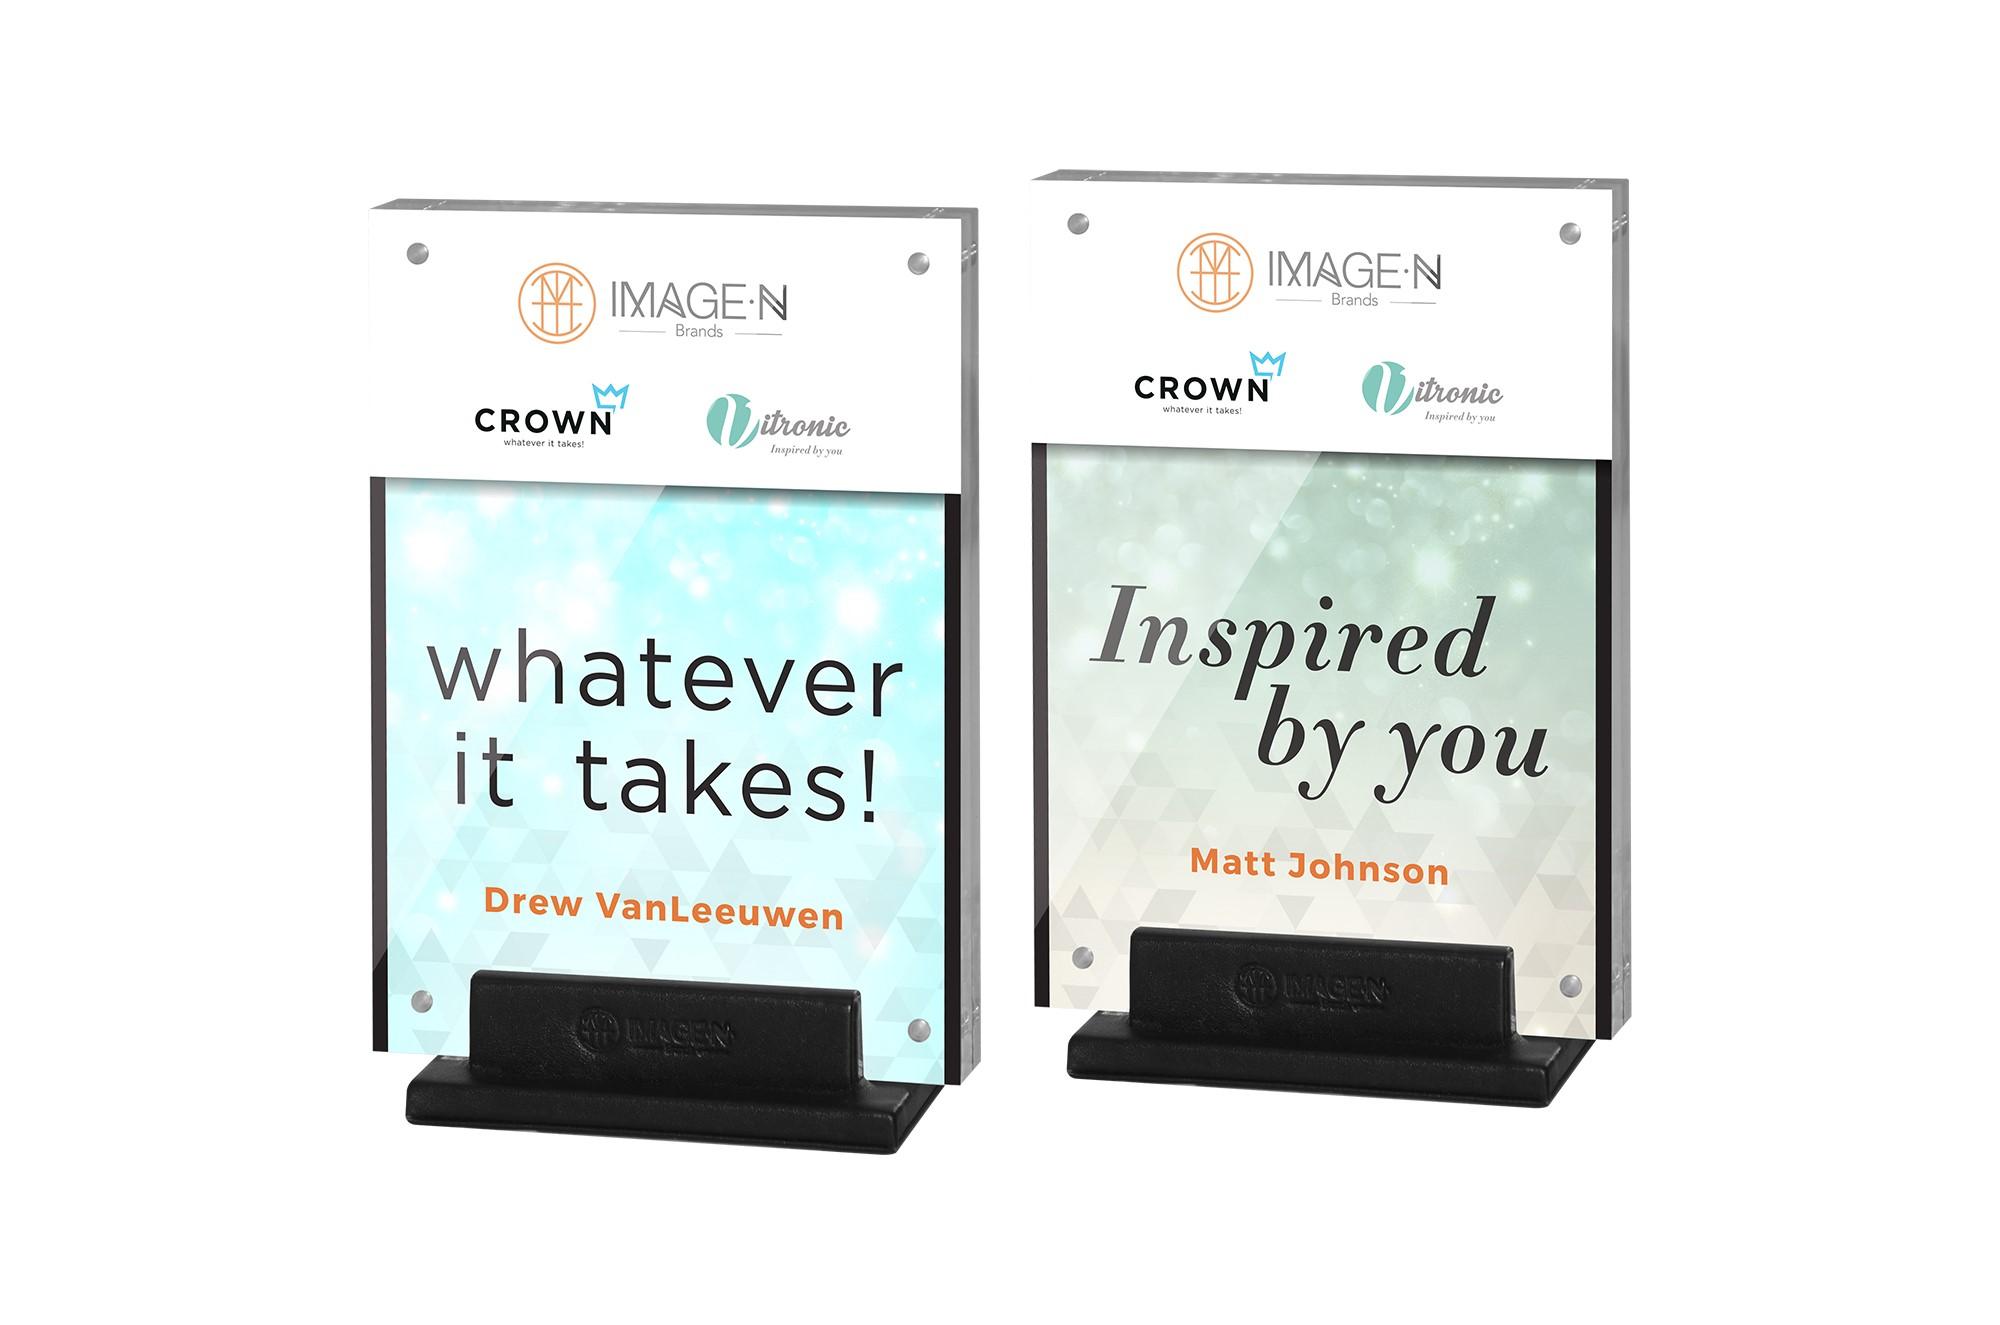 IMAGEN Awards